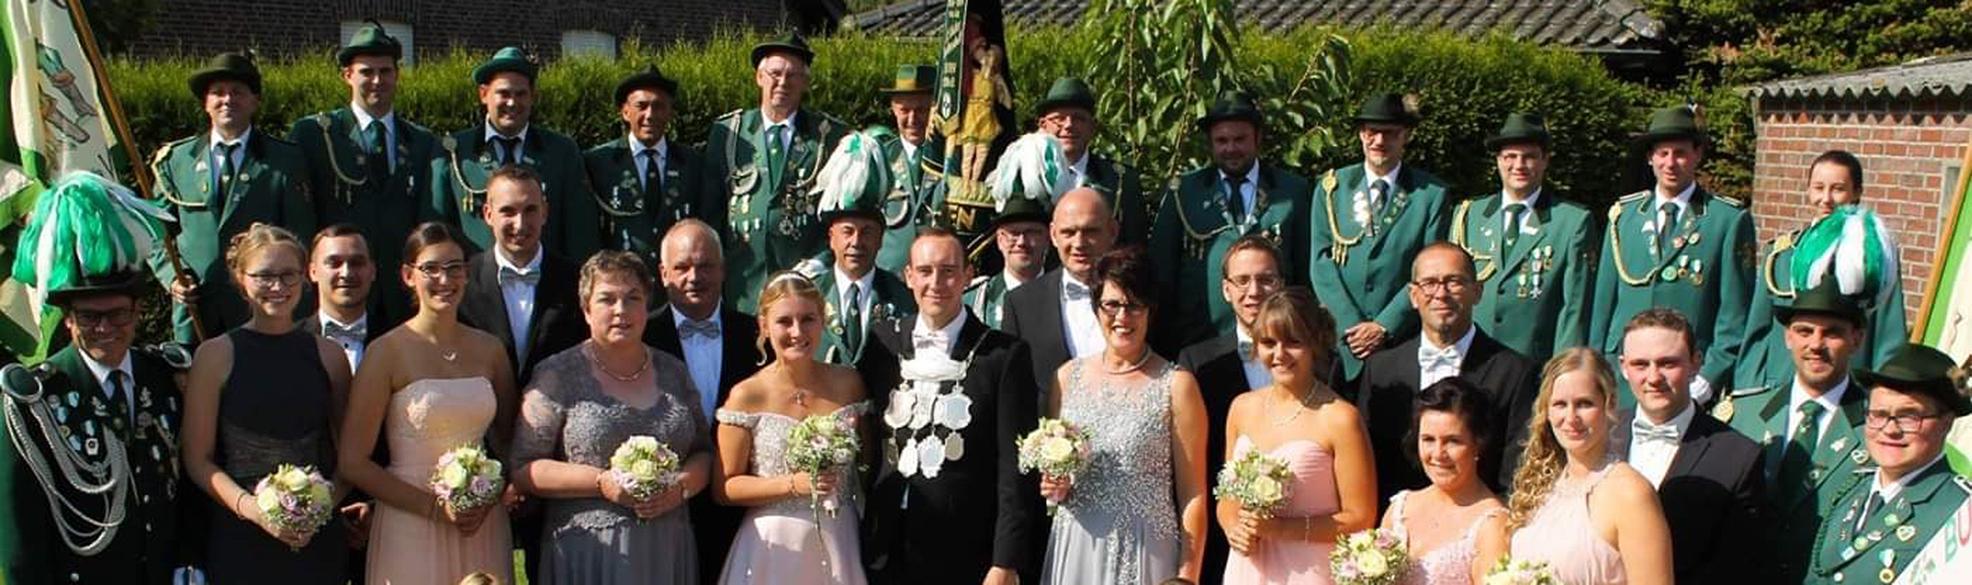 Thron des Bürgerschützenverein Birten e.V. - 2016